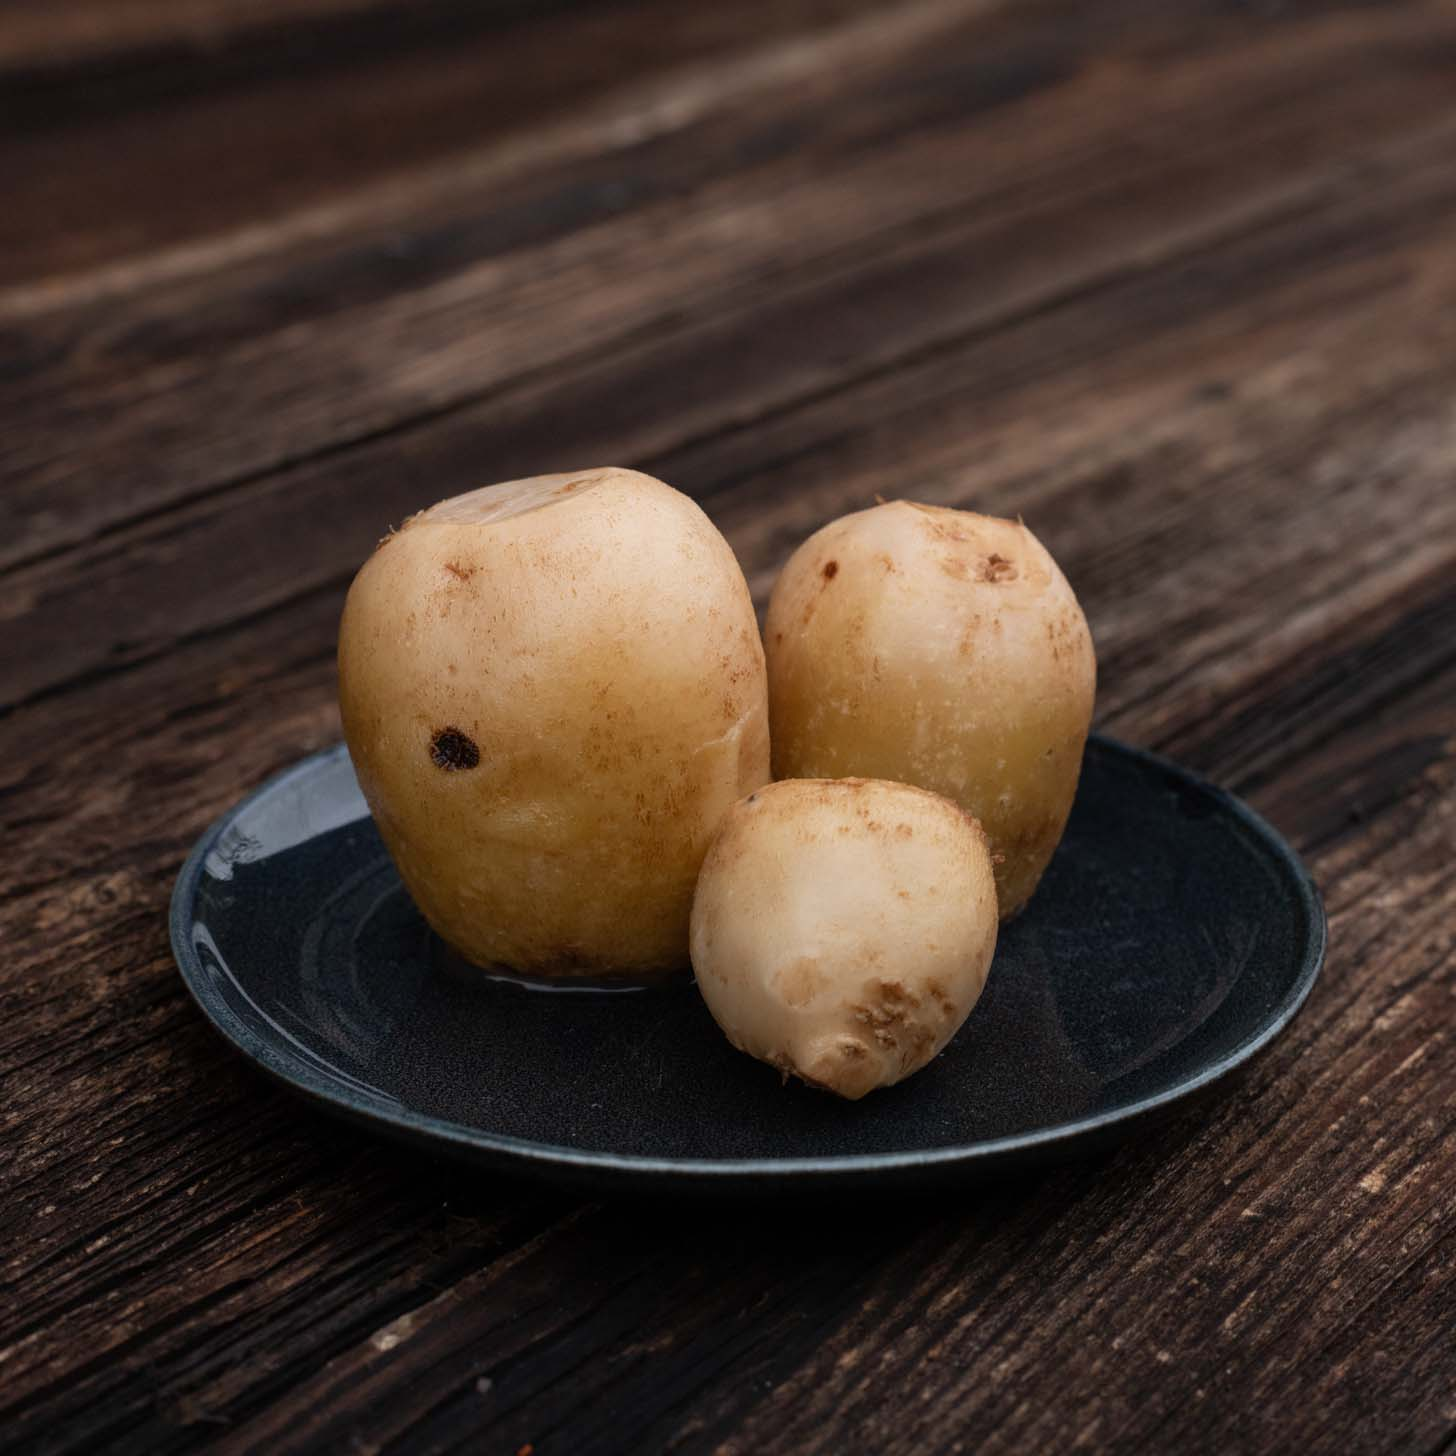 Fermentiertes Gemüse von Schnelles Grünzeug, hier fermentierte Weiße Bete